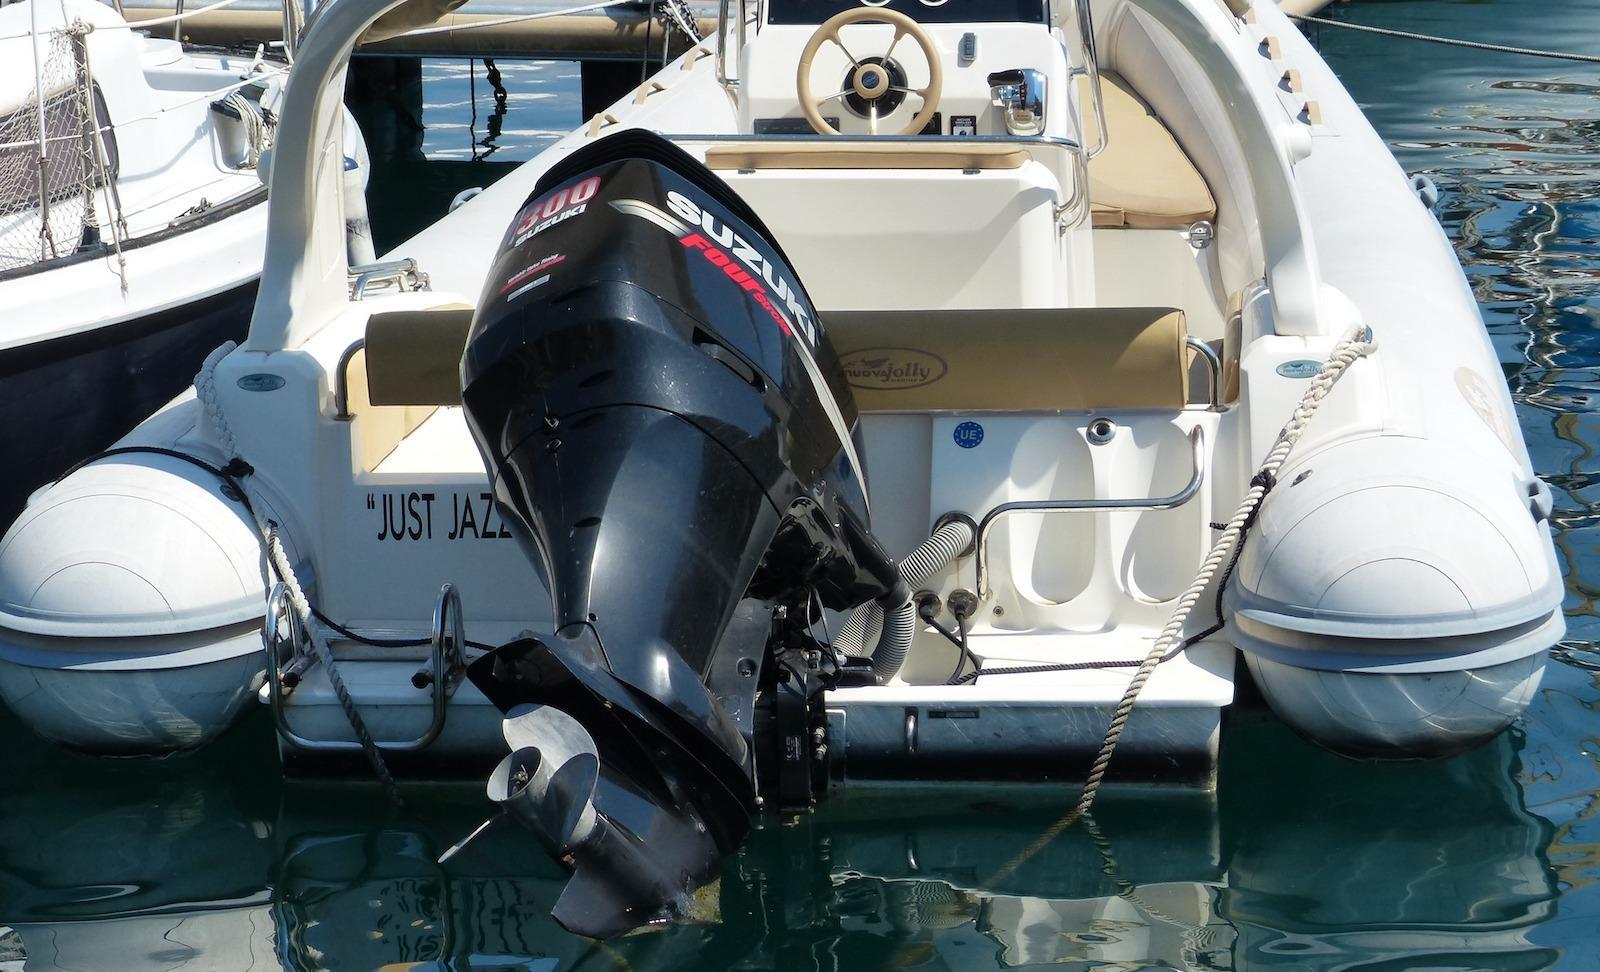 Vedligeholdelse af båd